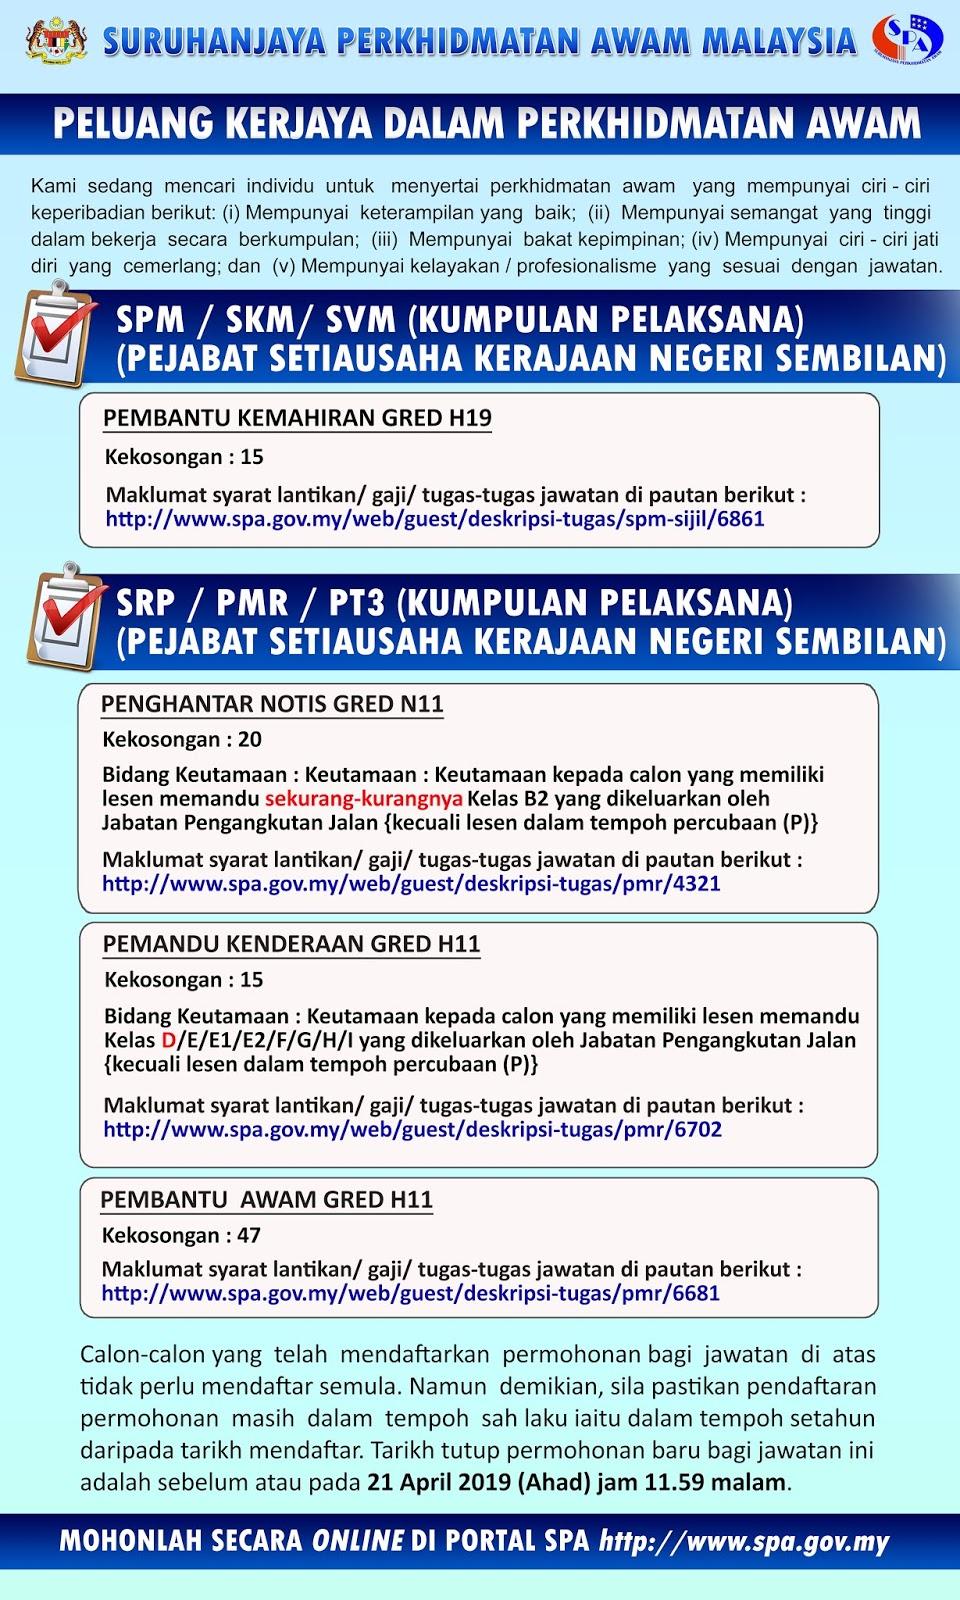 Jawatan Kosong Di Pejabat Setiausaha Kerajaan Negeri Sembilan Jobcari Com Jawatan Kosong Terkini